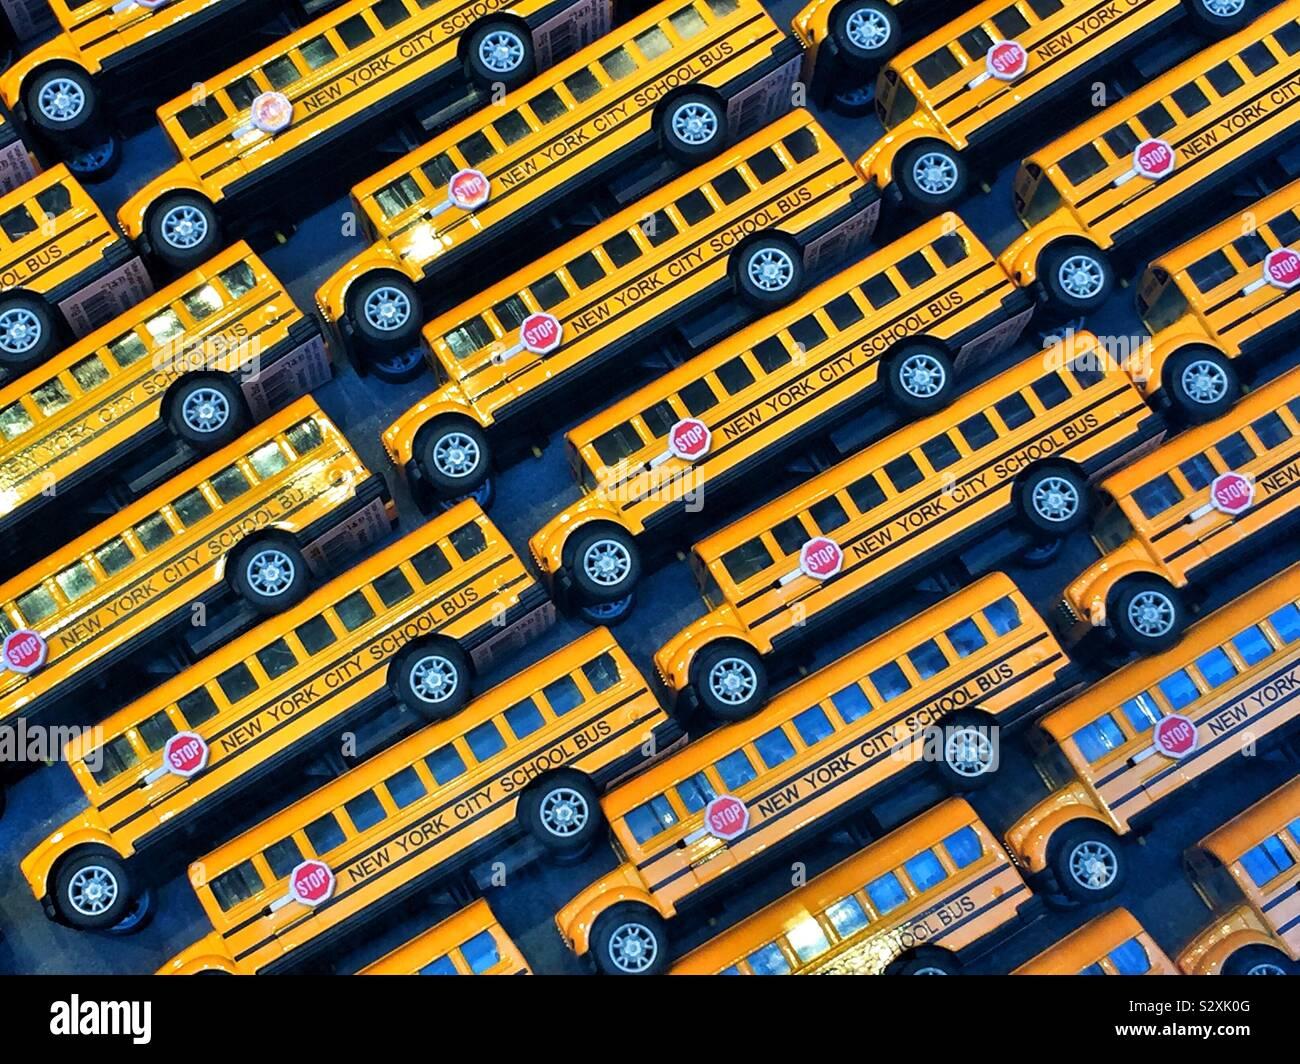 Toy New York City scuola-bus in una vetrina di un negozio. Foto Stock